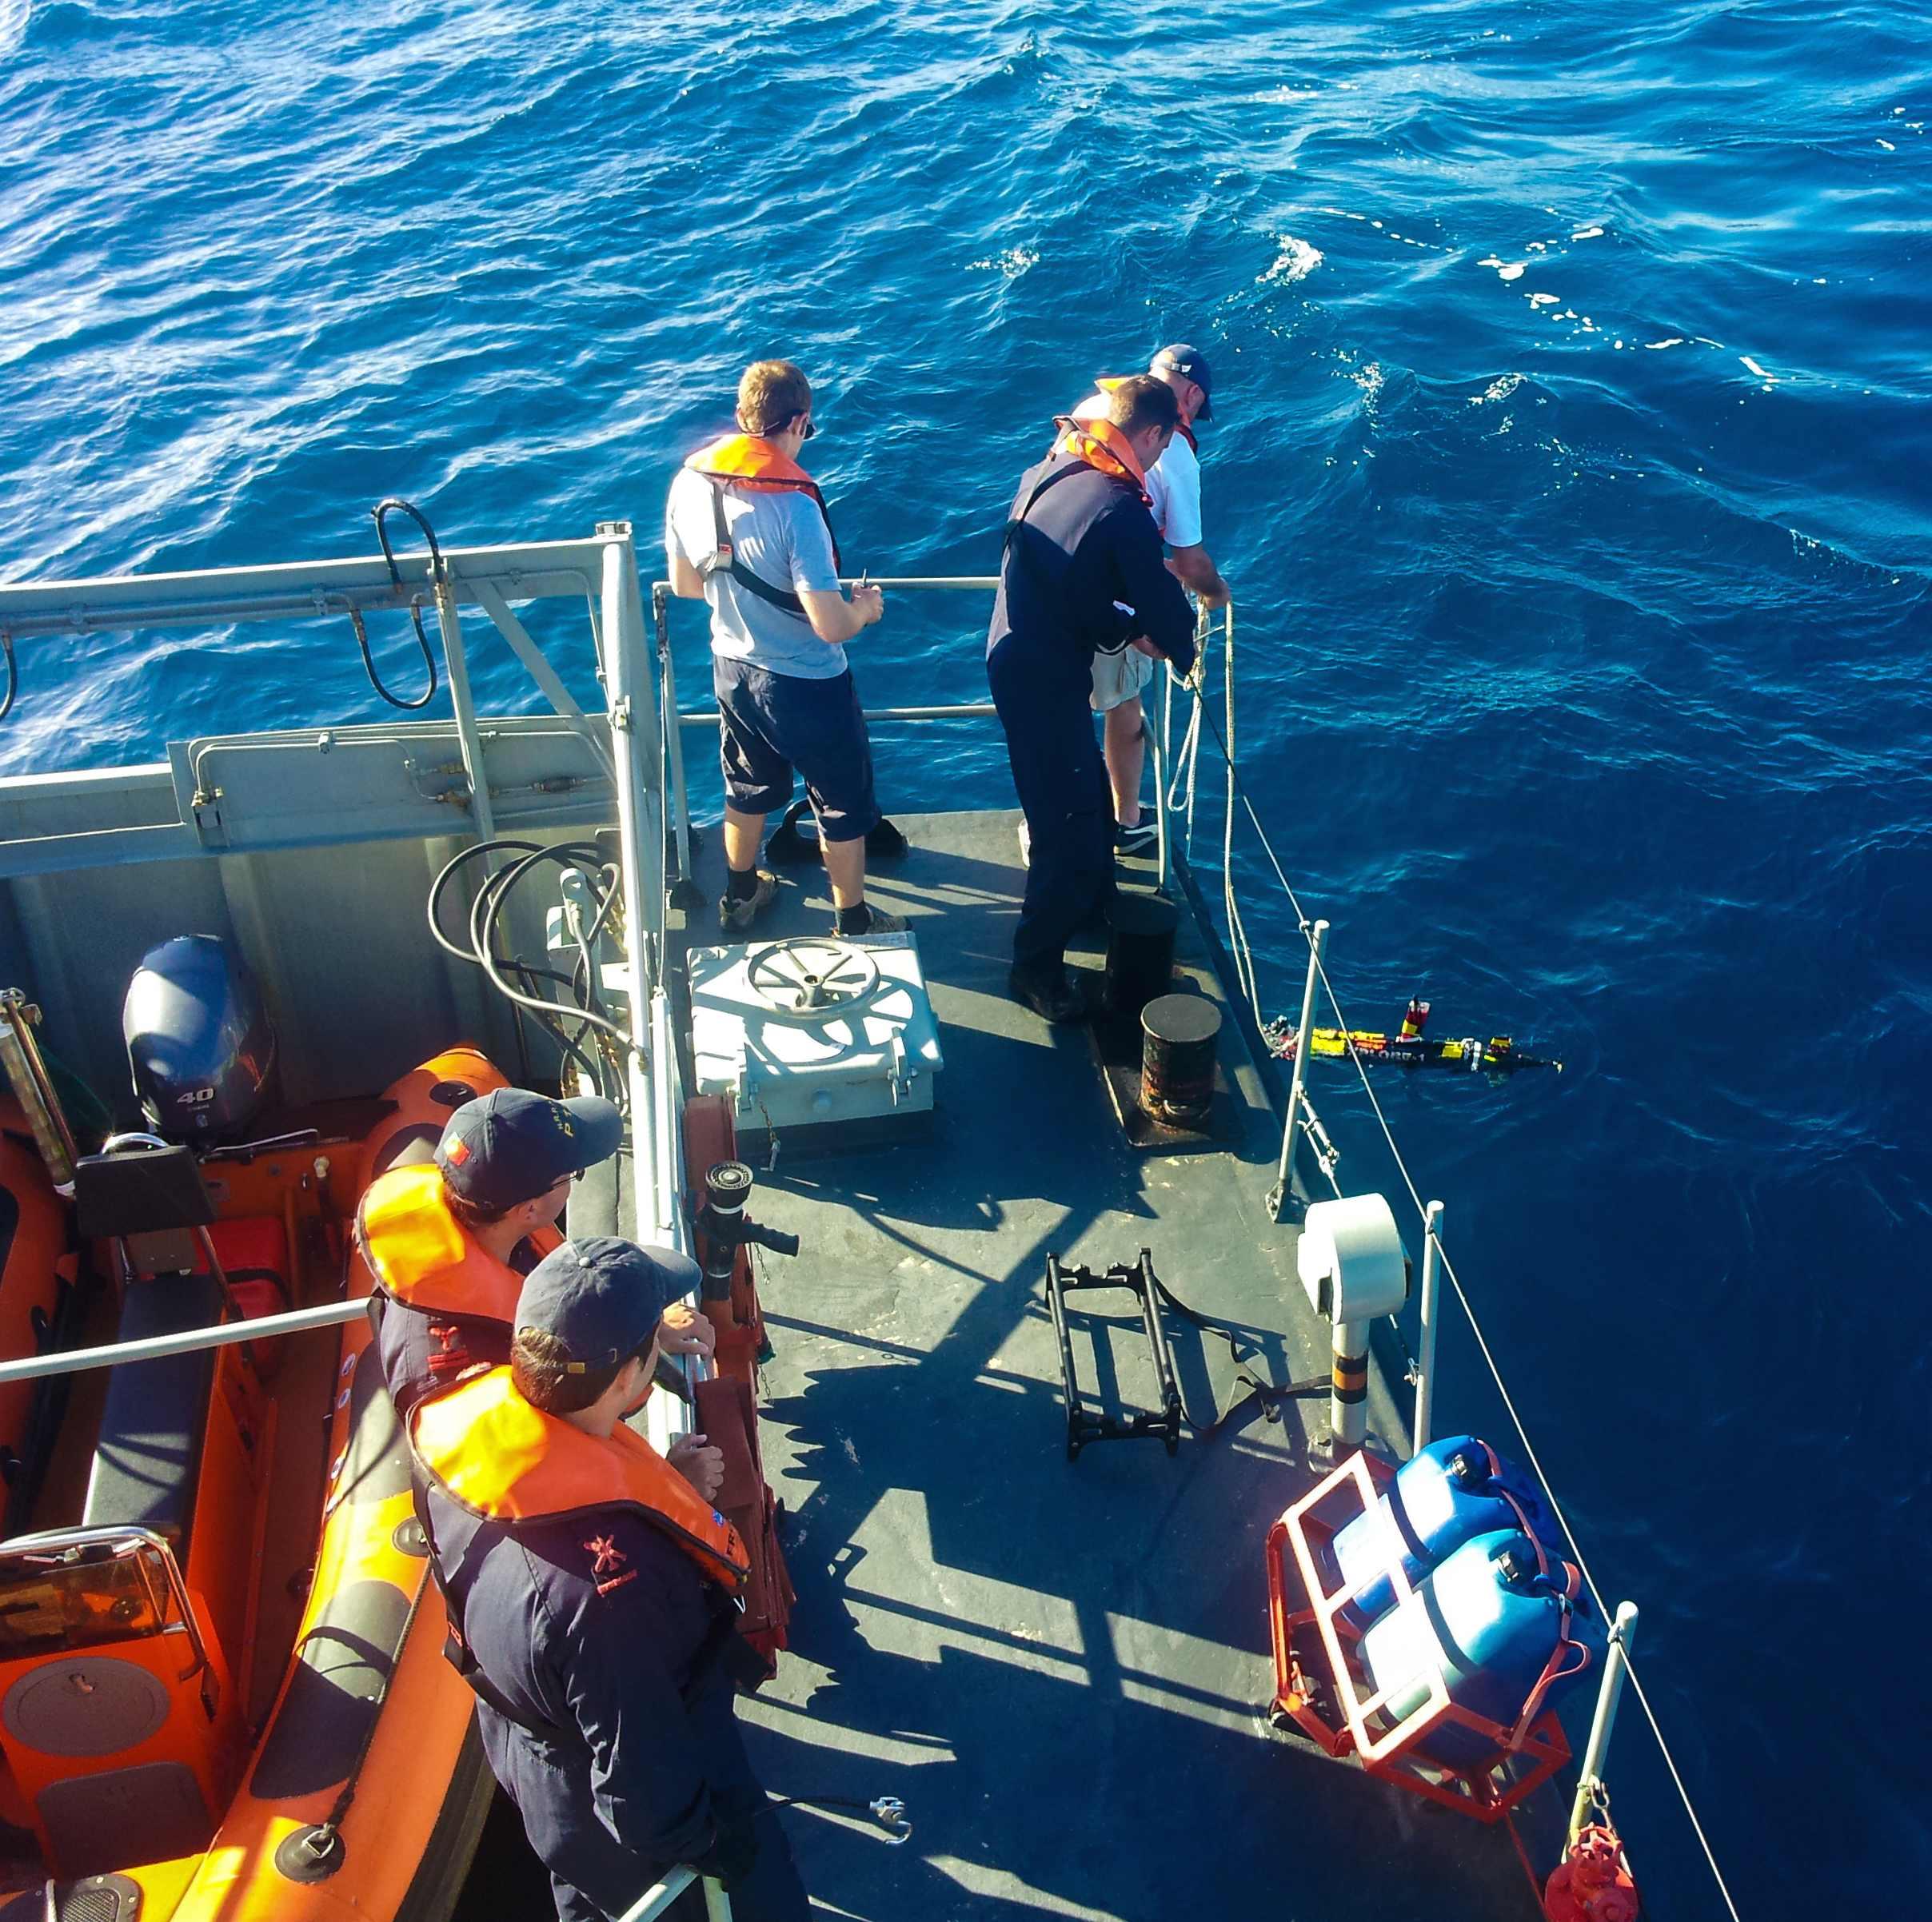 A bordo do NRP Argos depois de recuperar o Xplore-1 depois de 2.5 mpaeamentos em torno de um peixe –lua com um marcador ARGOS.